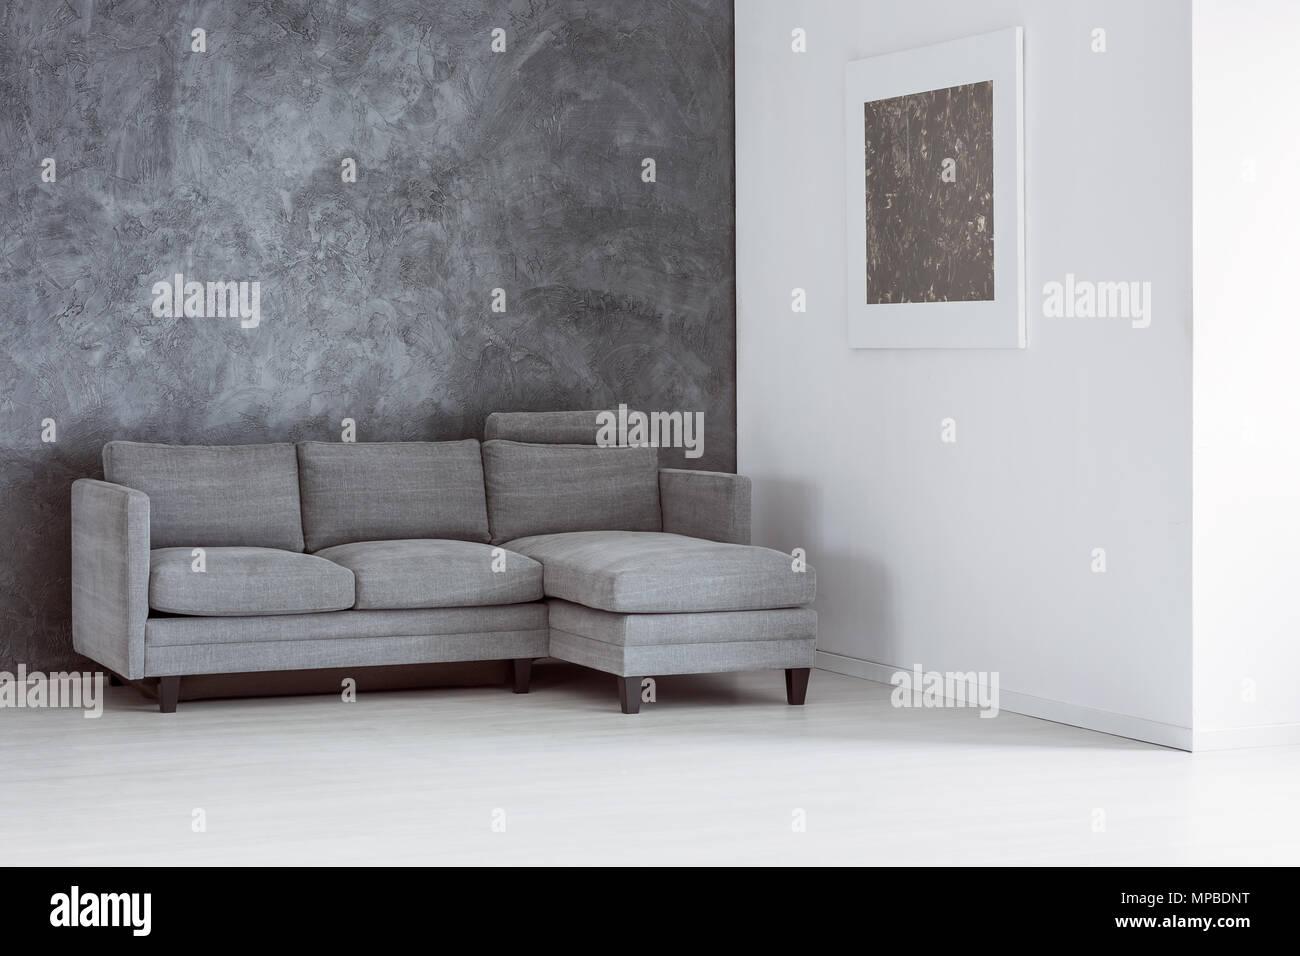 Soggiorno Con Divano Grigio Scuro vuoto semplice soggiorno con divano grigio contro il muro di